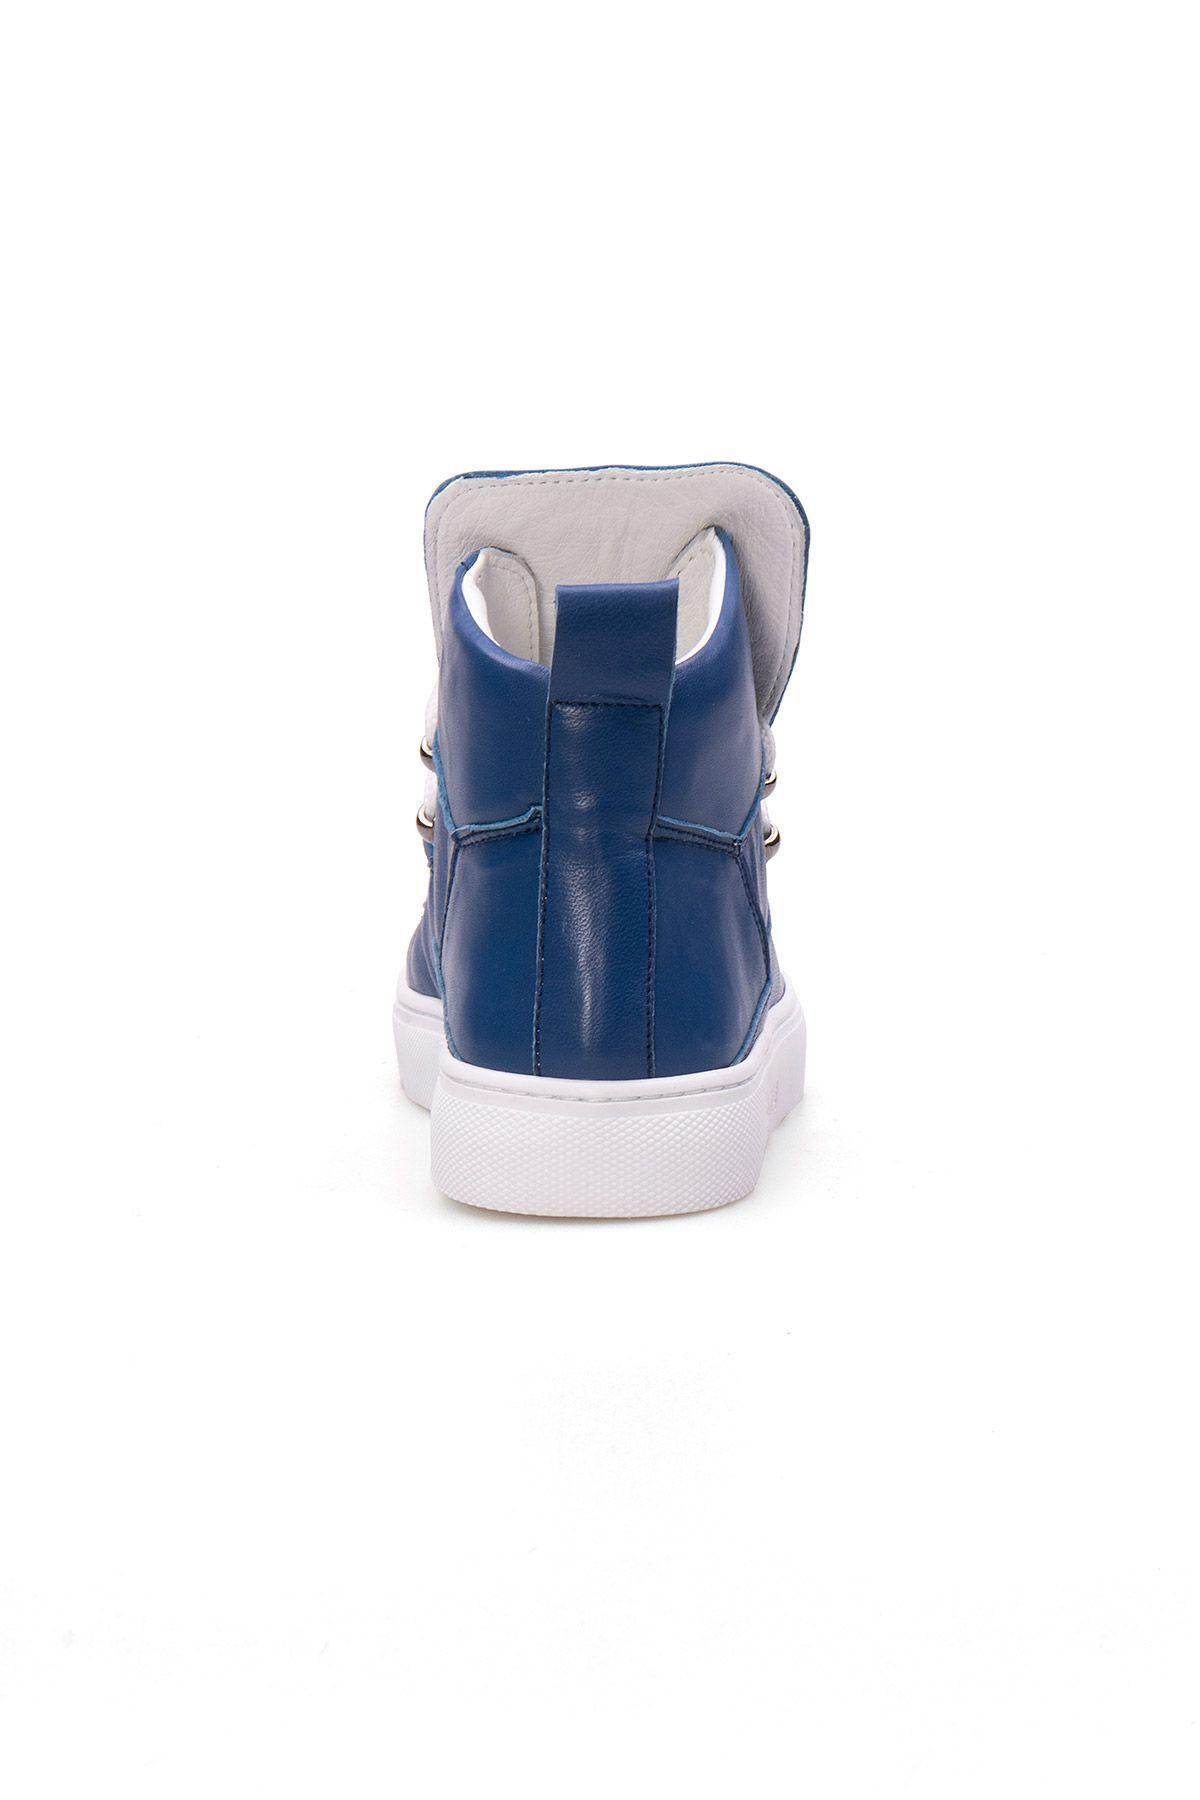 Pegia Genuine Leather Women's Sneaker LA1314 Blue